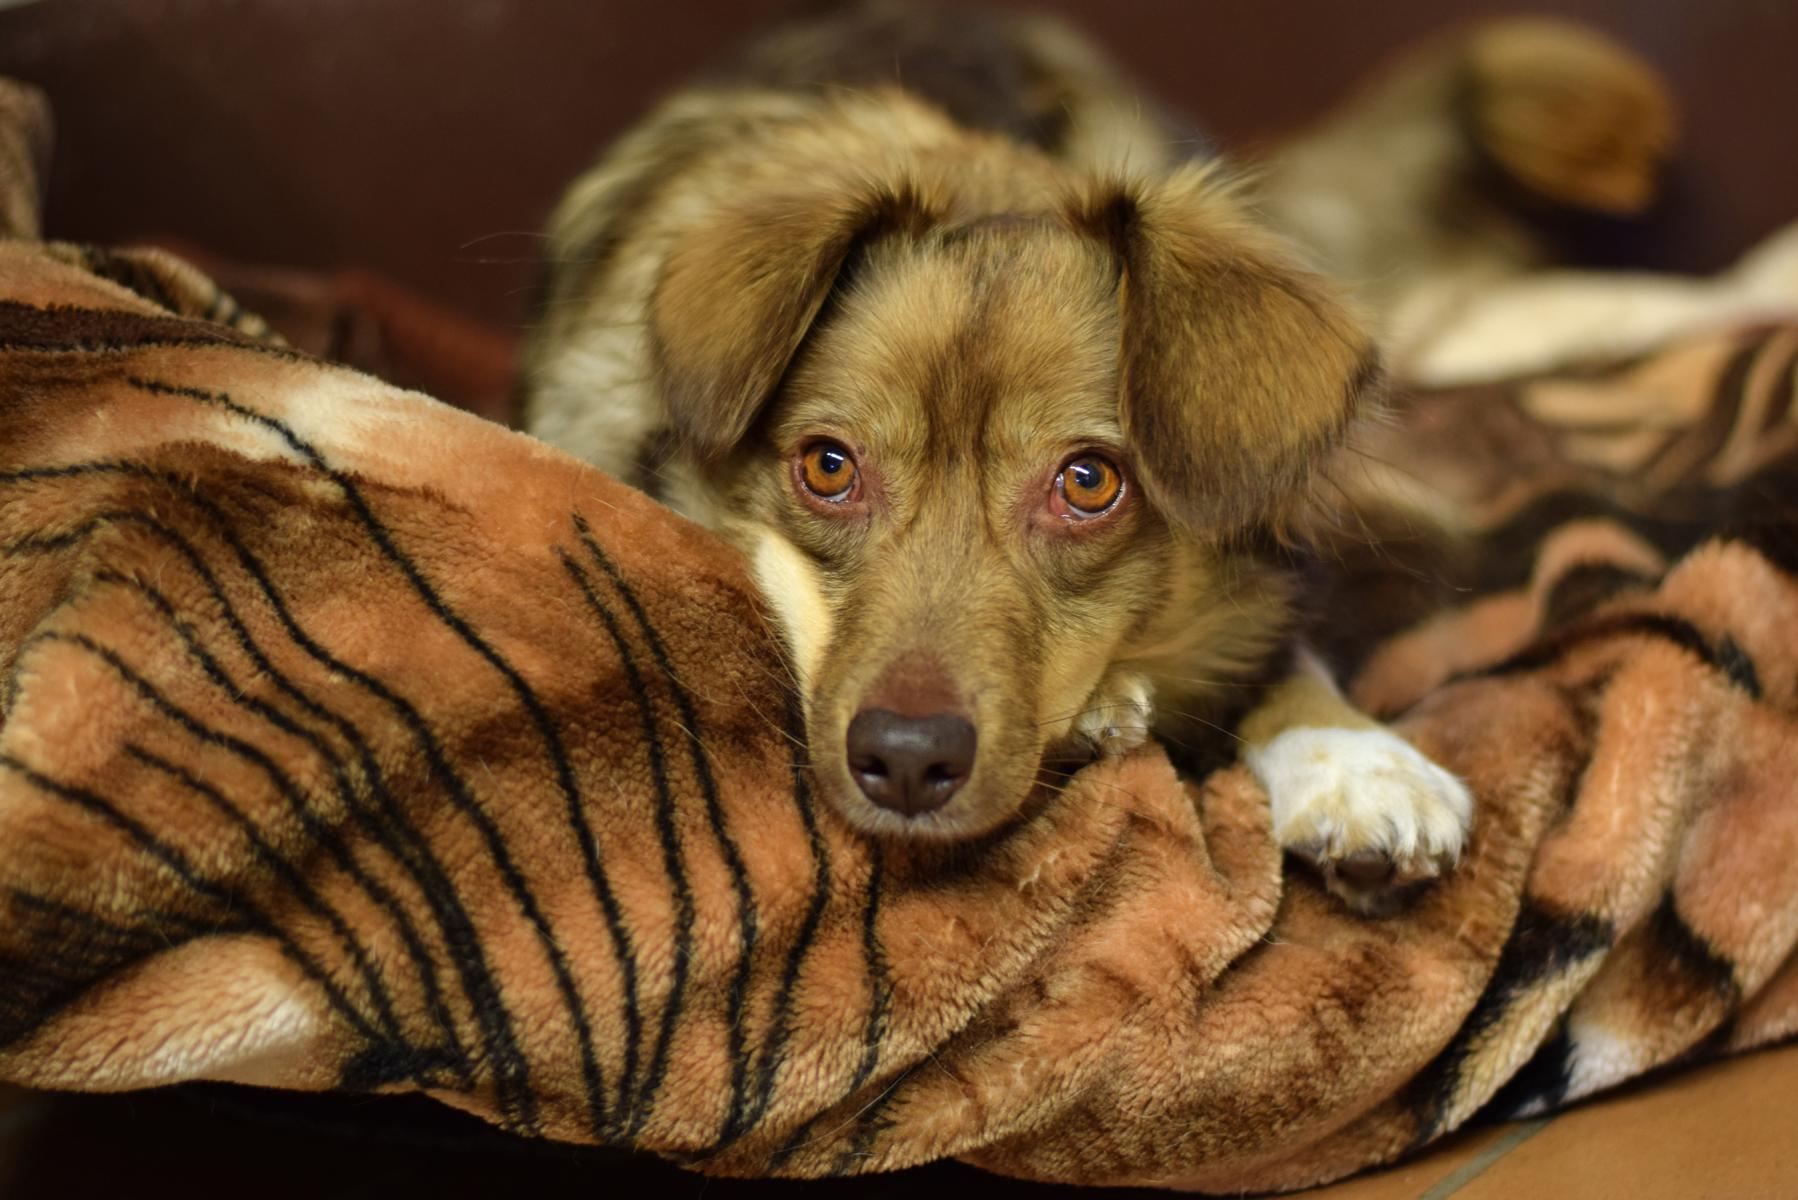 Hamburger Tierschutzverein 1 - Hamburger Tierschutzverein (HTV) hilft Hunden von obdachlosen Menschen